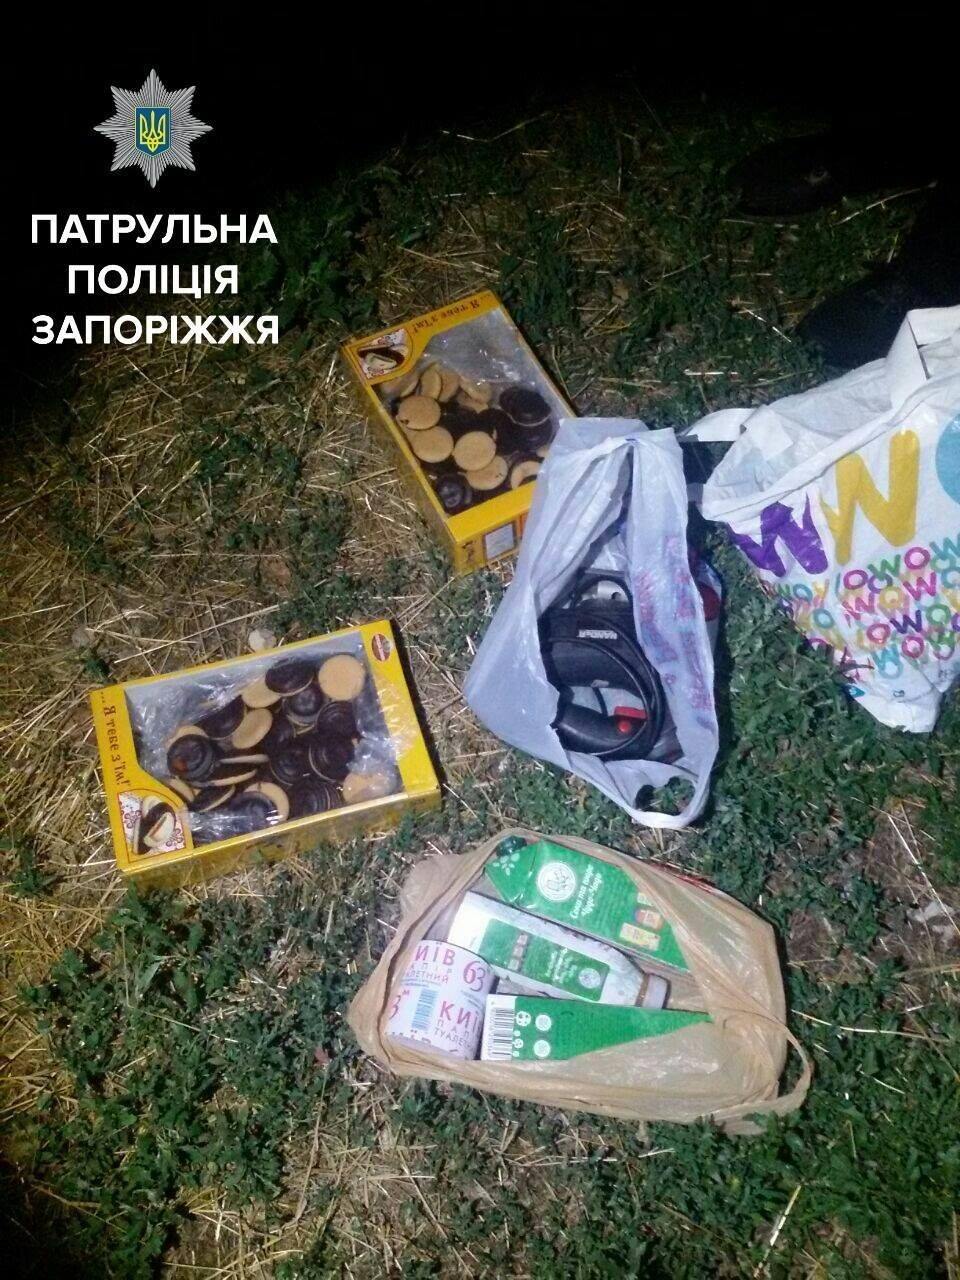 Две коробки печенья, сок и лобзик: в Запорожье мужчина неудачно обворовал продуктовый киоск, – ФОТО, фото-2